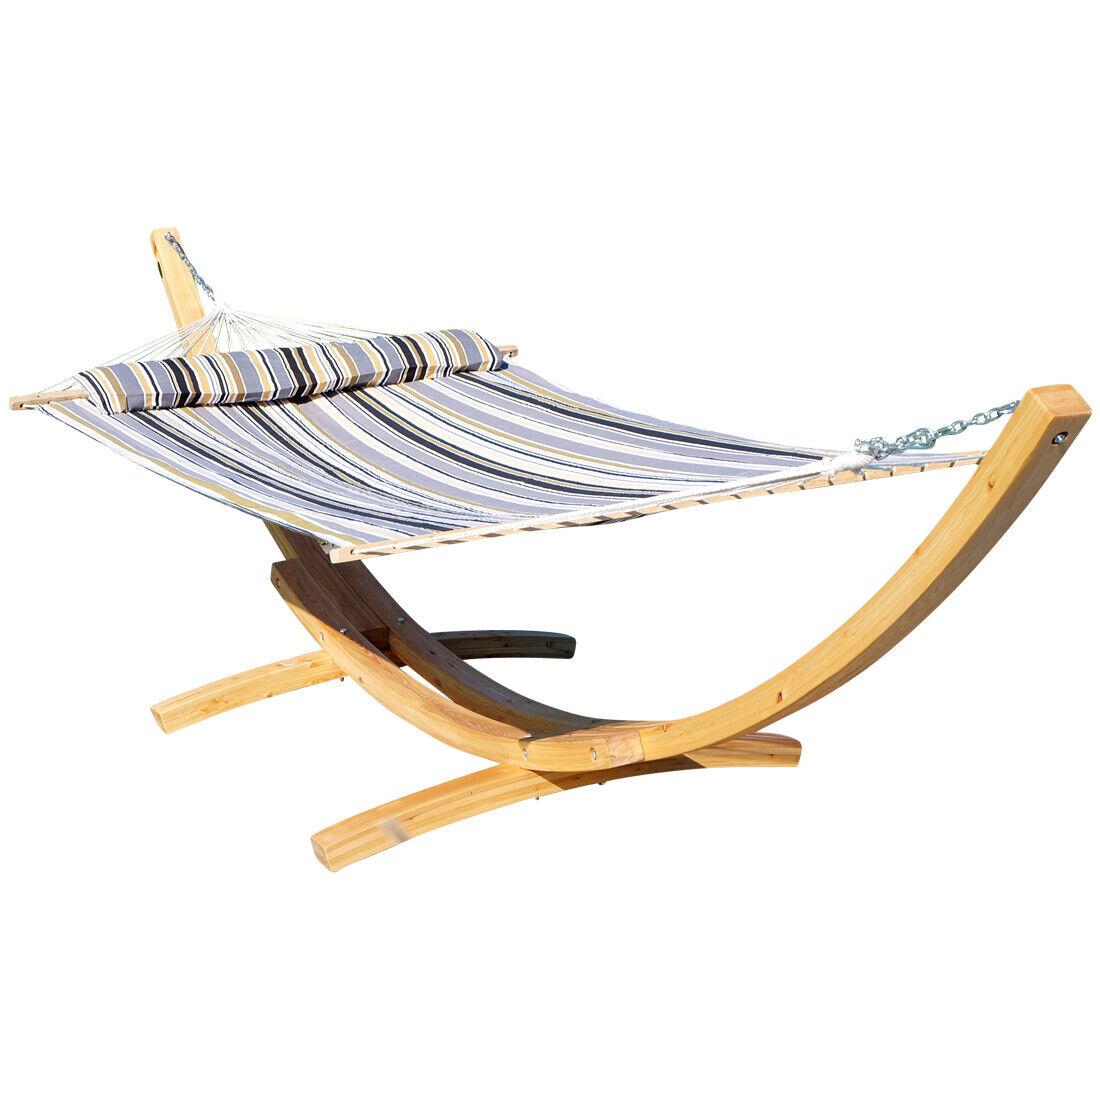 410cm XXL Hängemattengestell NATUR-FILLED EDITION GRAU aus Holz Holz Holz Lärche mit Stab     | Gute Qualität  8c6caf